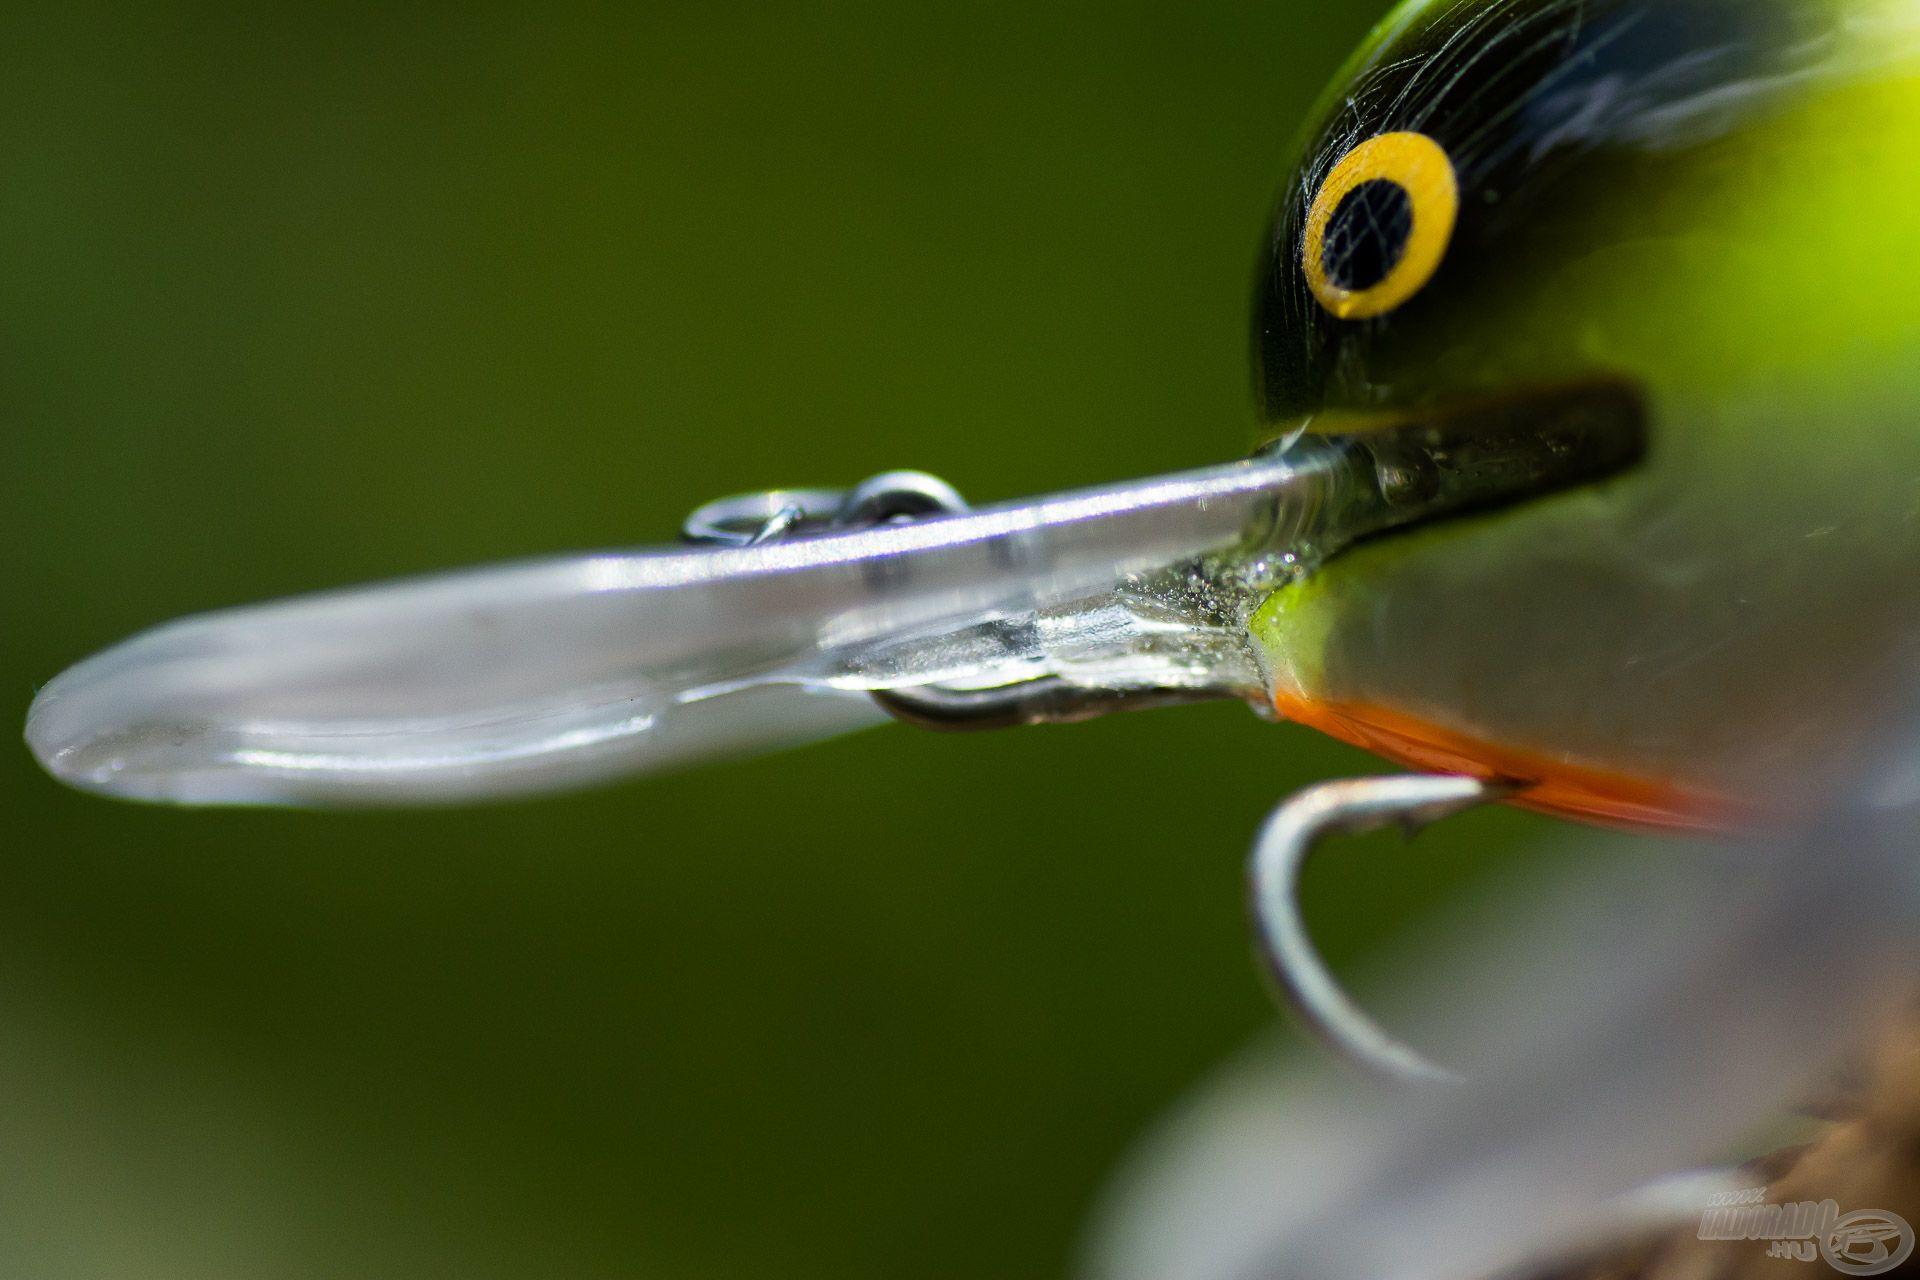 A rögzítő szem a testen végigfutó acélszárból van hajítva, mely a túloldalon a horgot is tartja, azaz egy darabból van az egész kialakítva